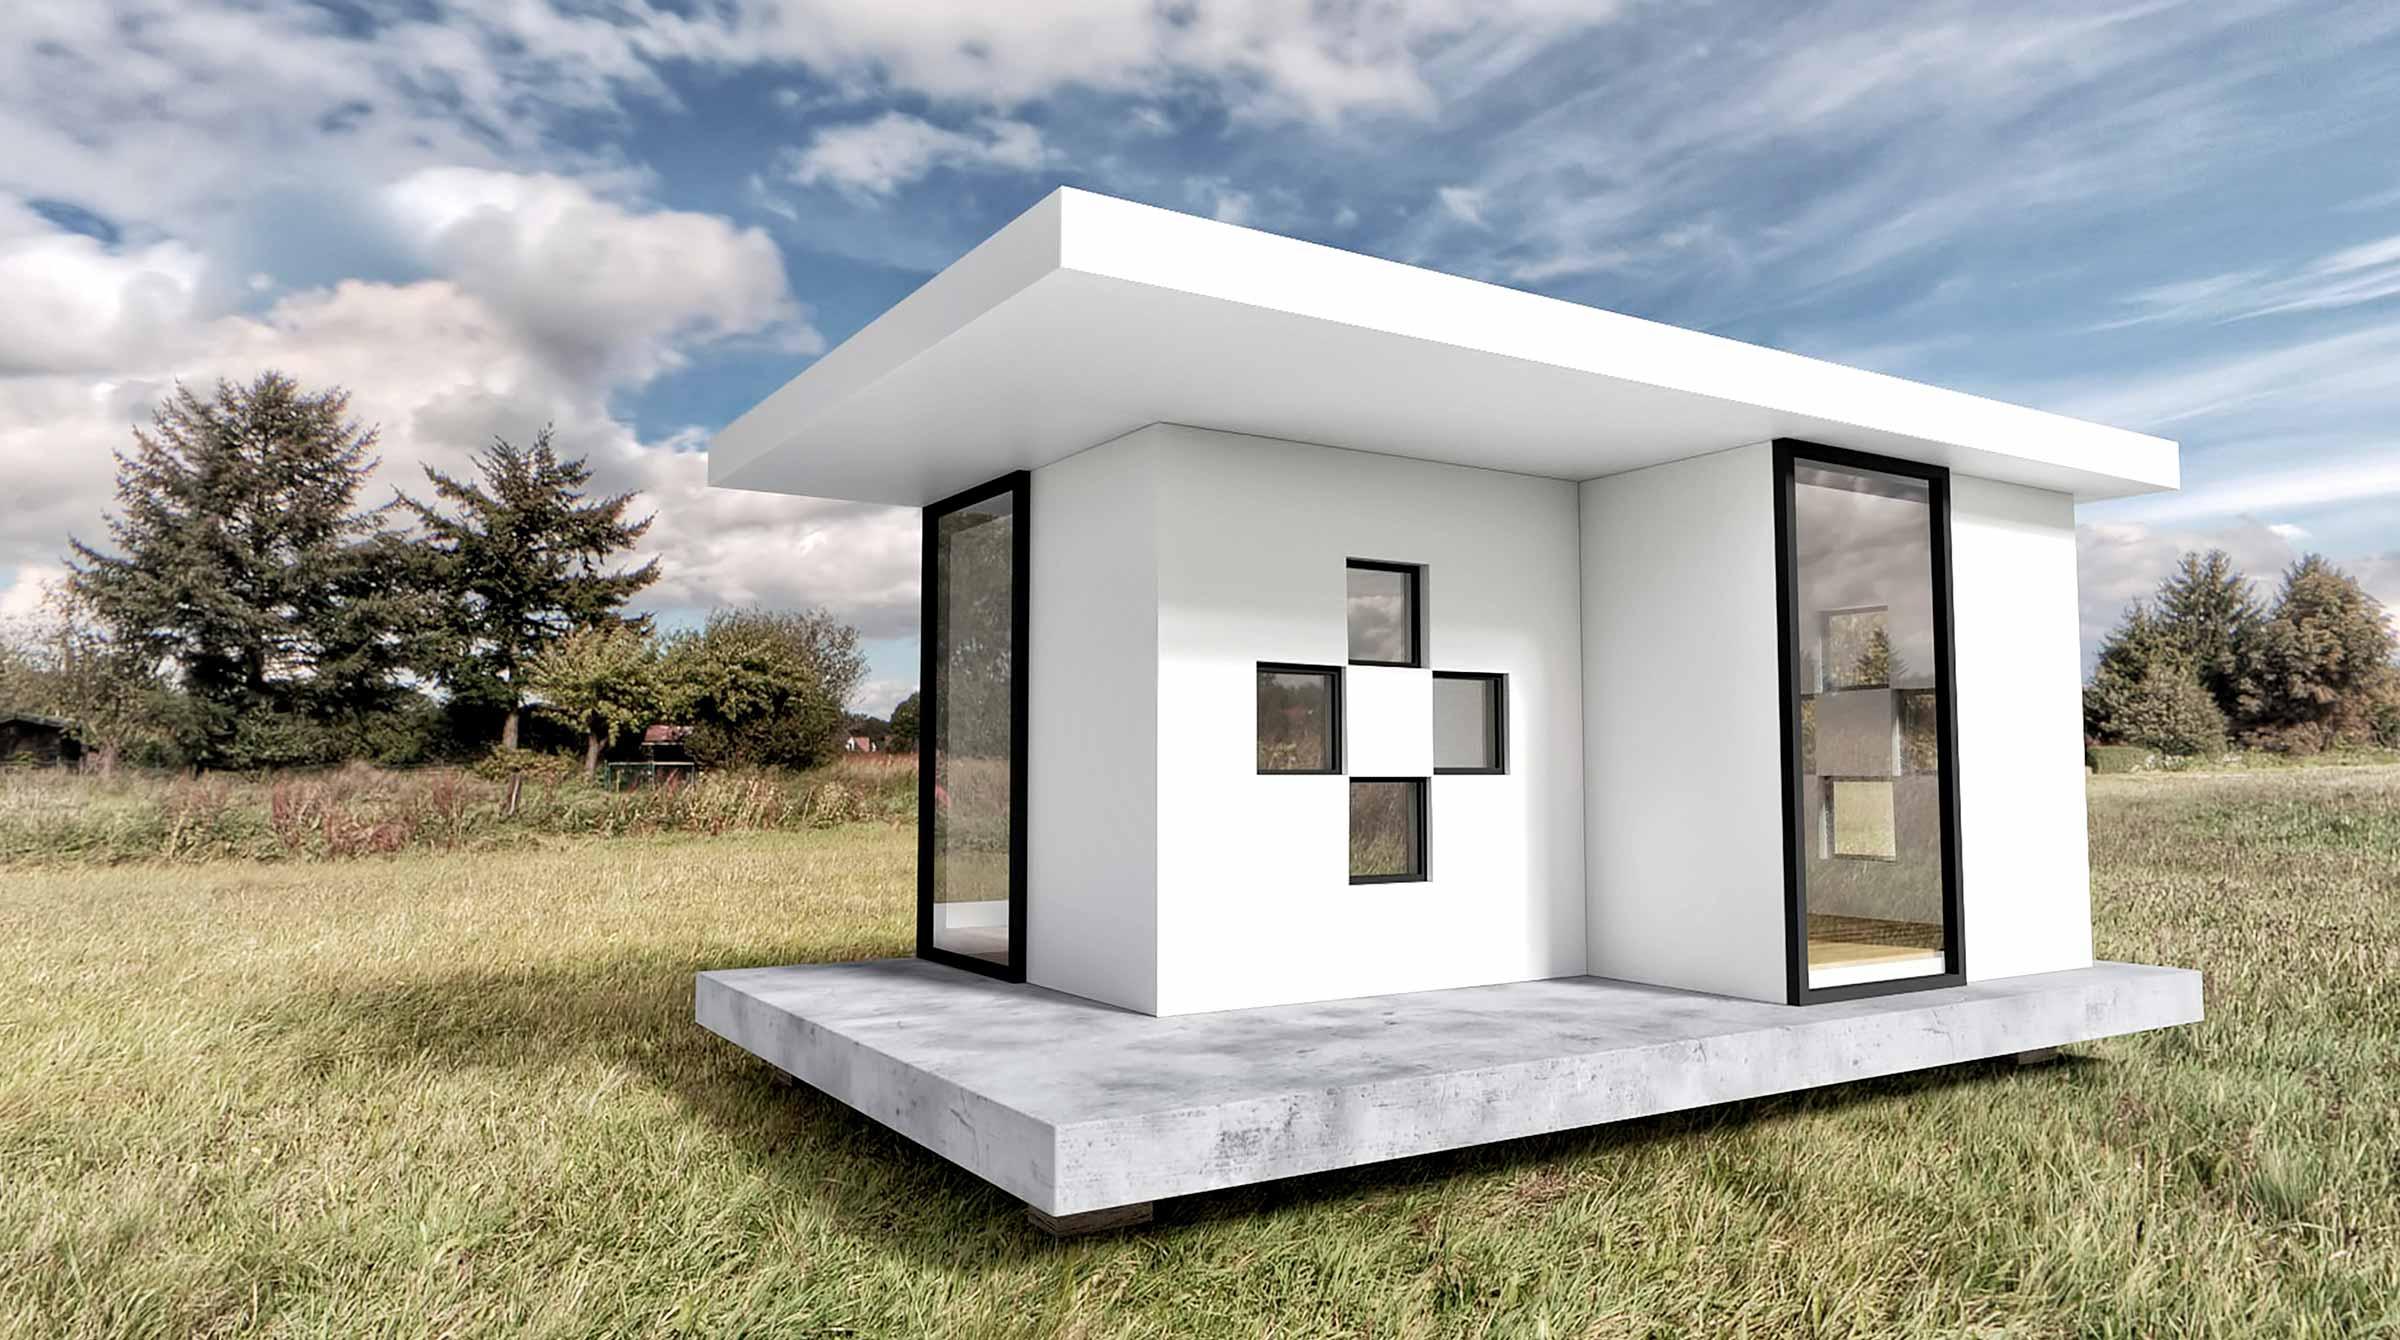 tiny house dr klein. Black Bedroom Furniture Sets. Home Design Ideas